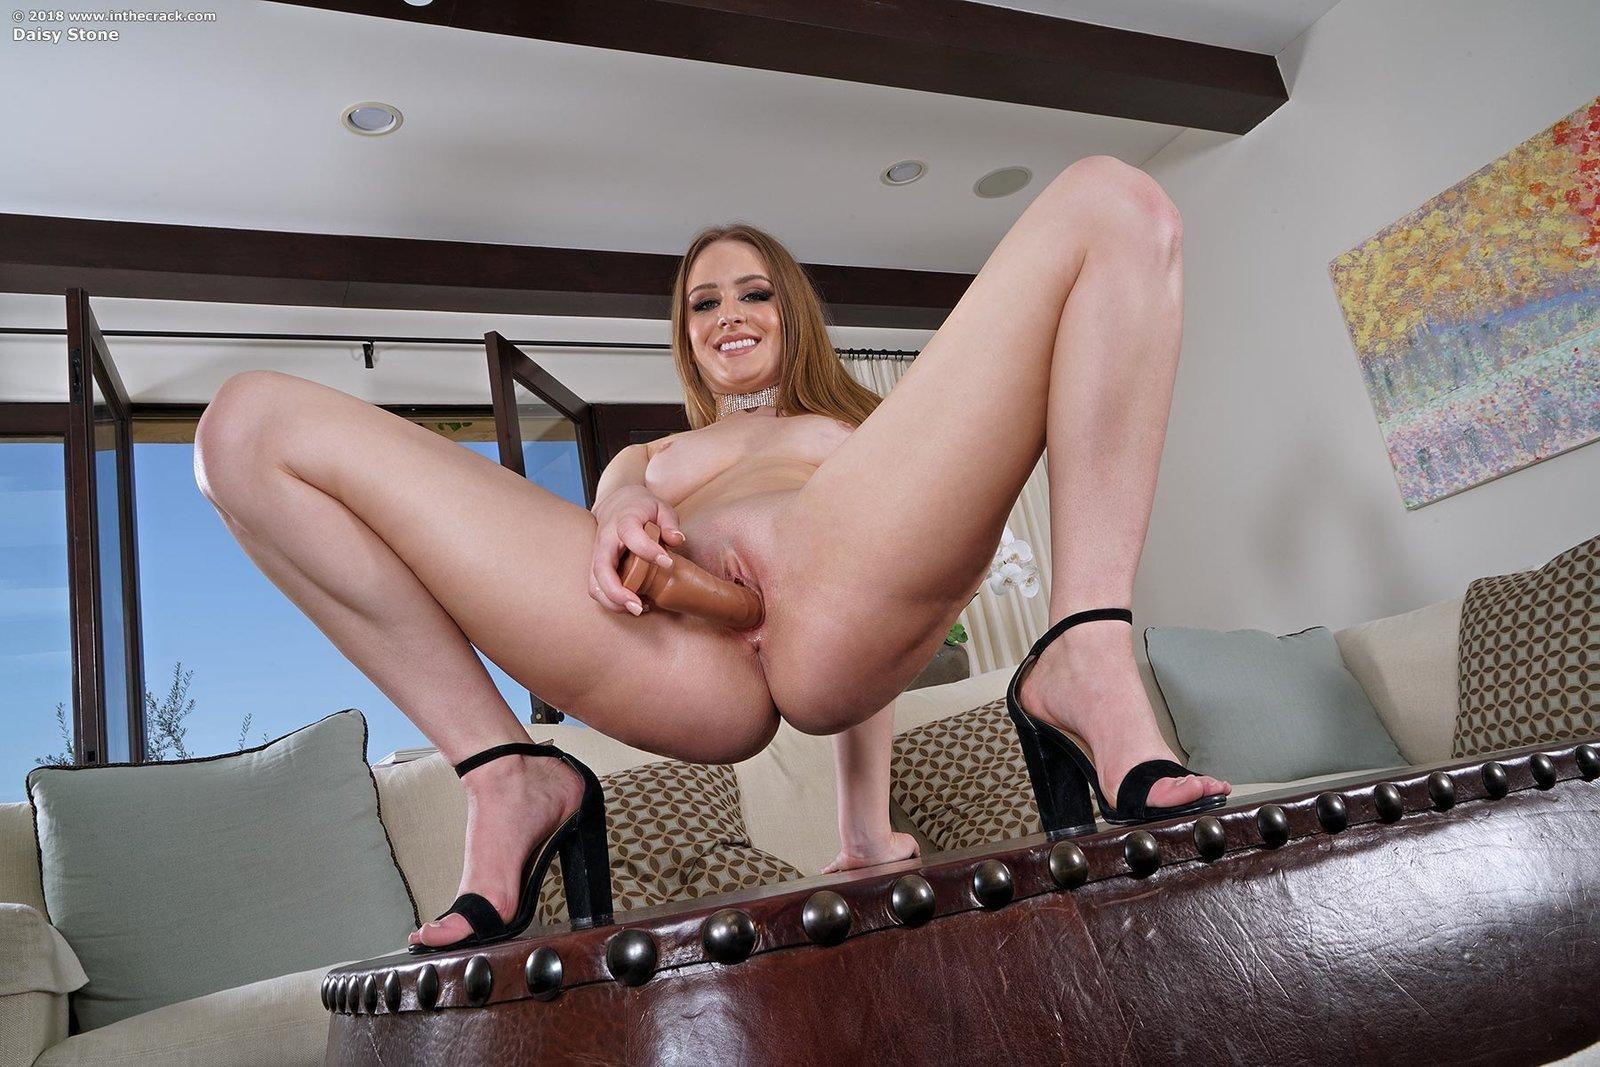 Соблазнительная девка с большой сракой на столике